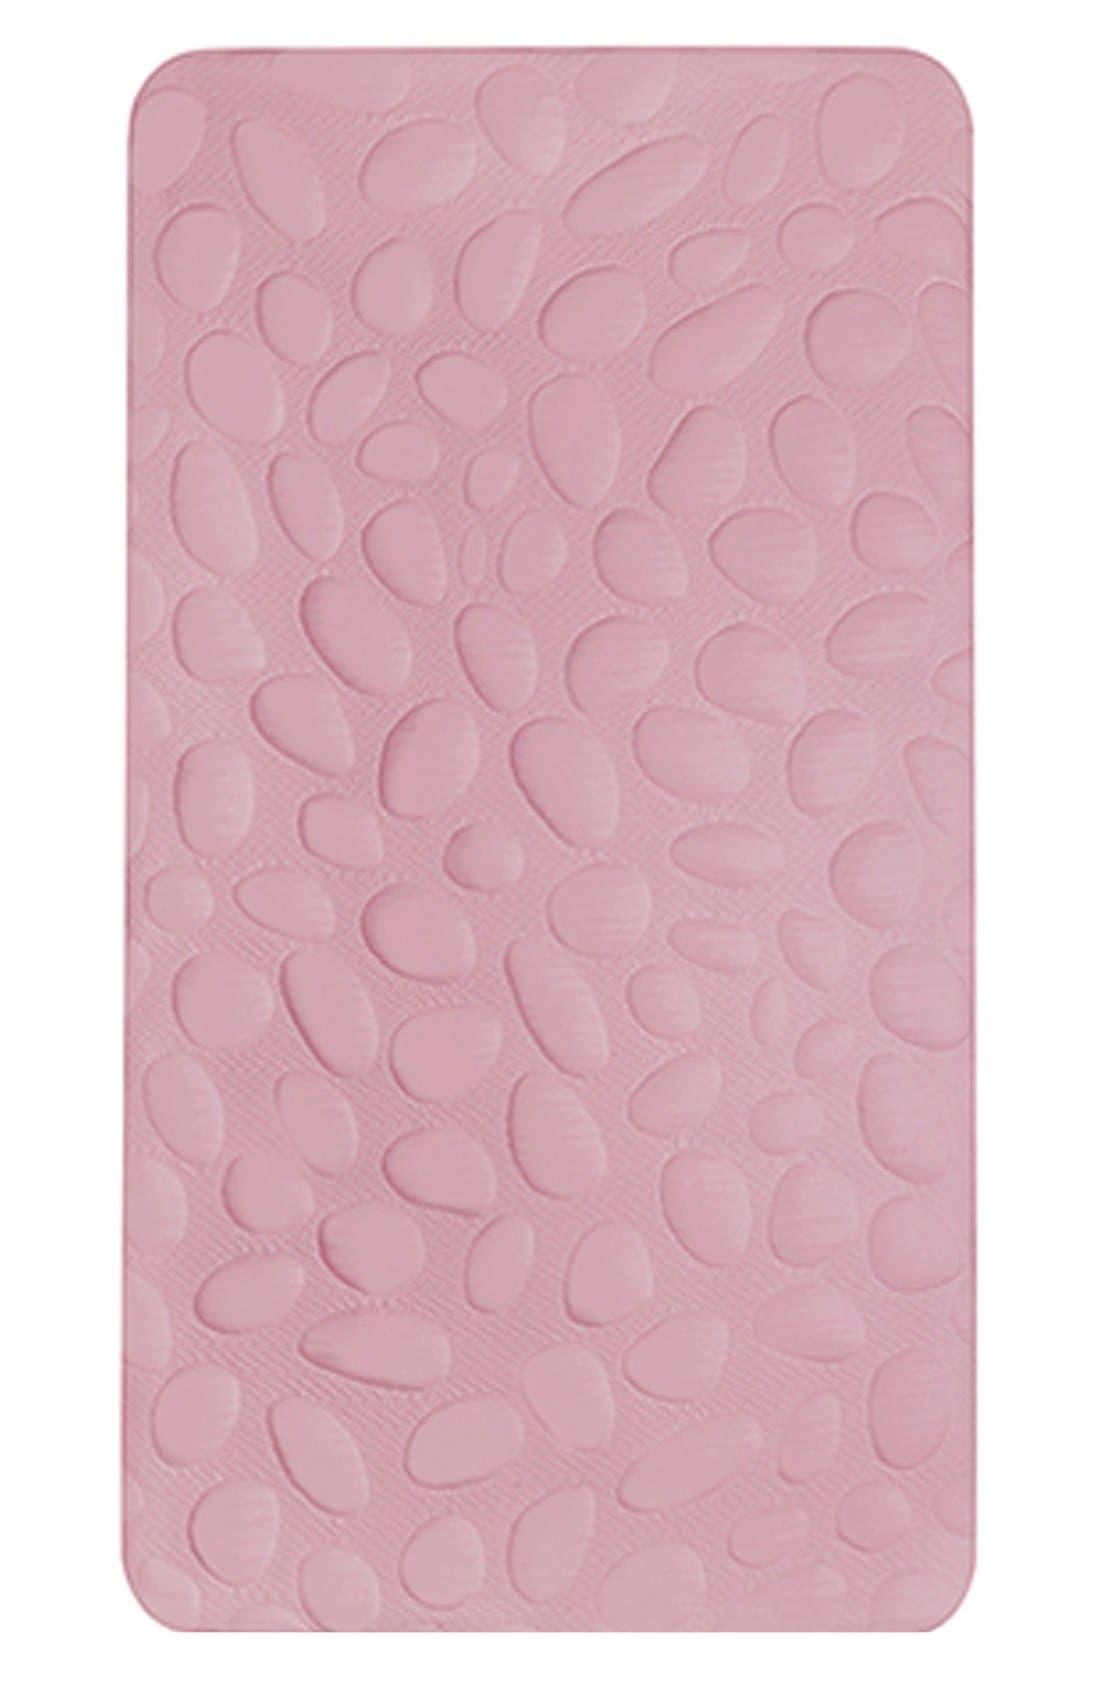 Main Image - Nook Sleep Systems 'Pebble Air' Crib Mattress